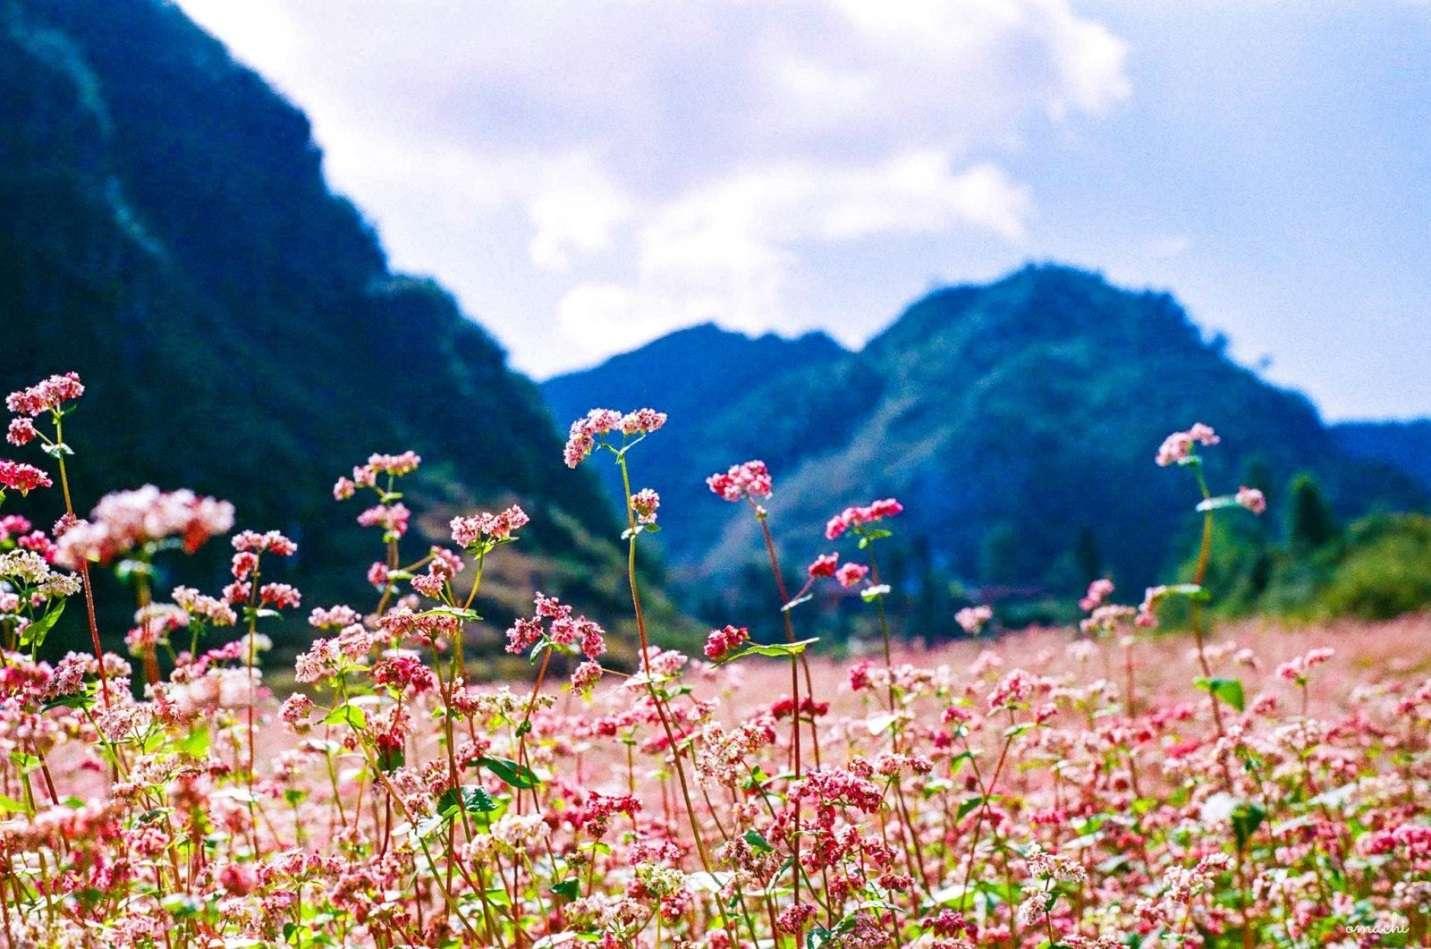 Chút nhẹ nhàng mong manh của hoa tam giác mạch làm cho cảnh núi non hiểm trở ở Hà Giang trở nên hiền hòa hơn rất nhiều